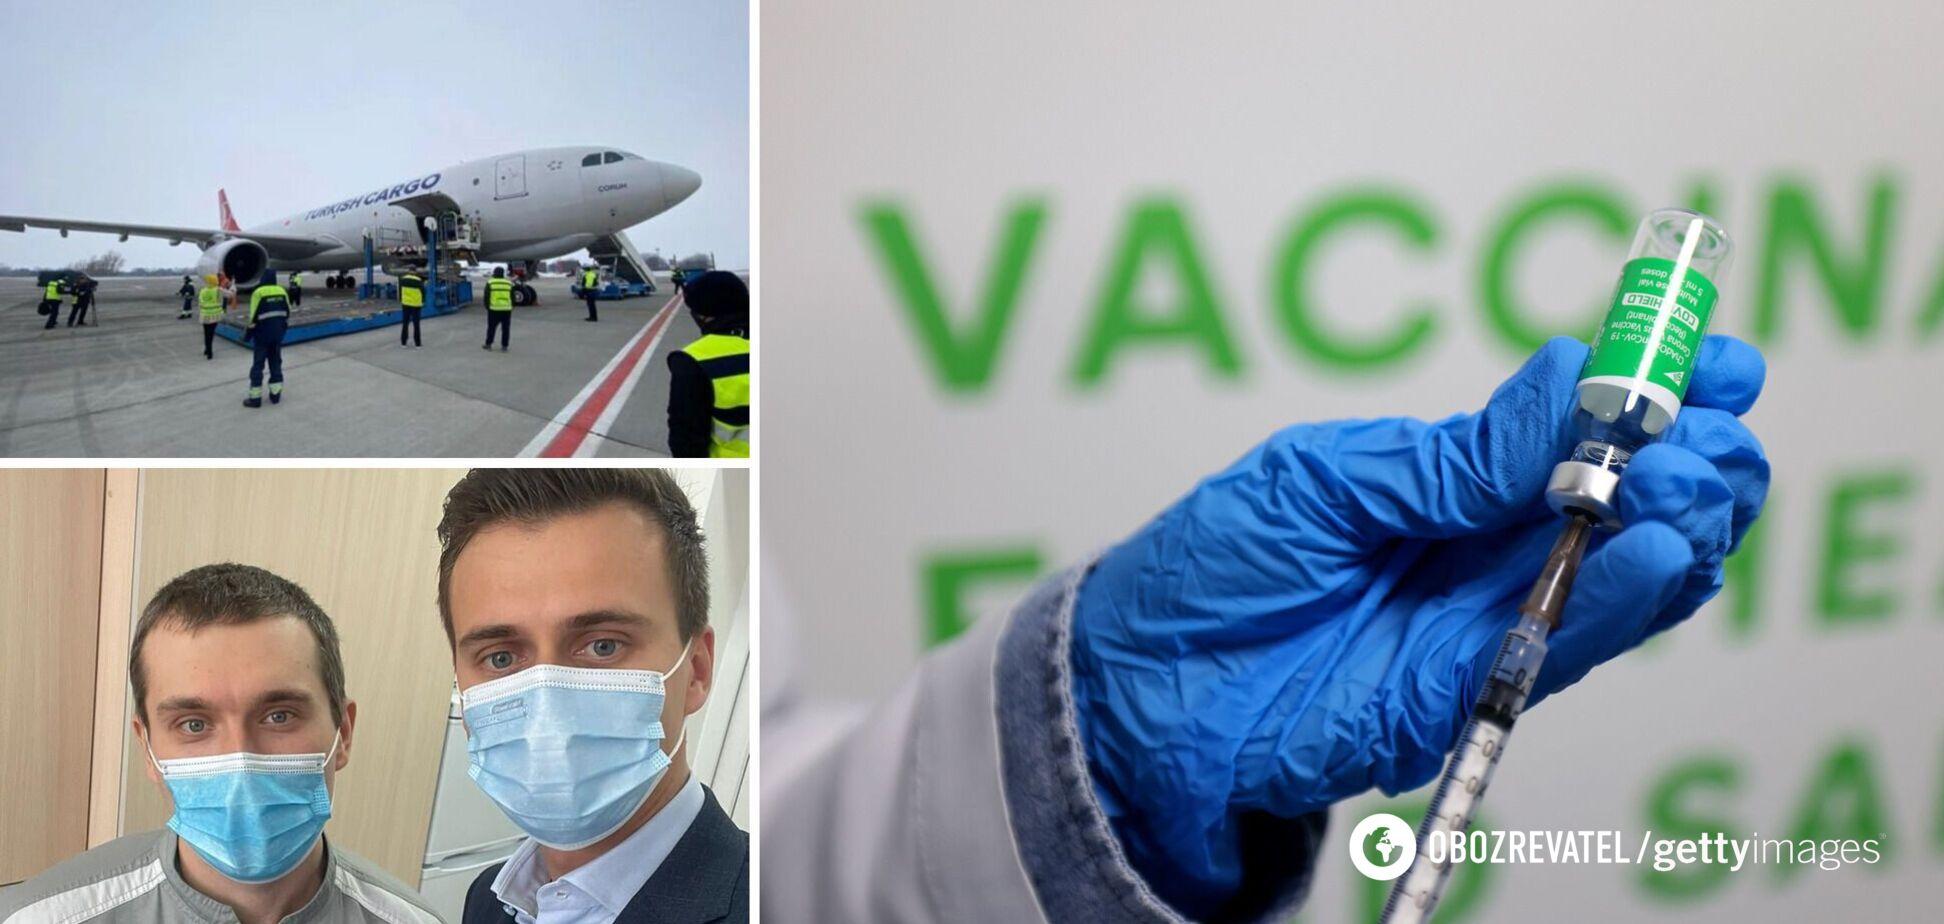 В Україні стартувала вакцинація від COVID-19: як відбувається у регіонах. Фото і відео